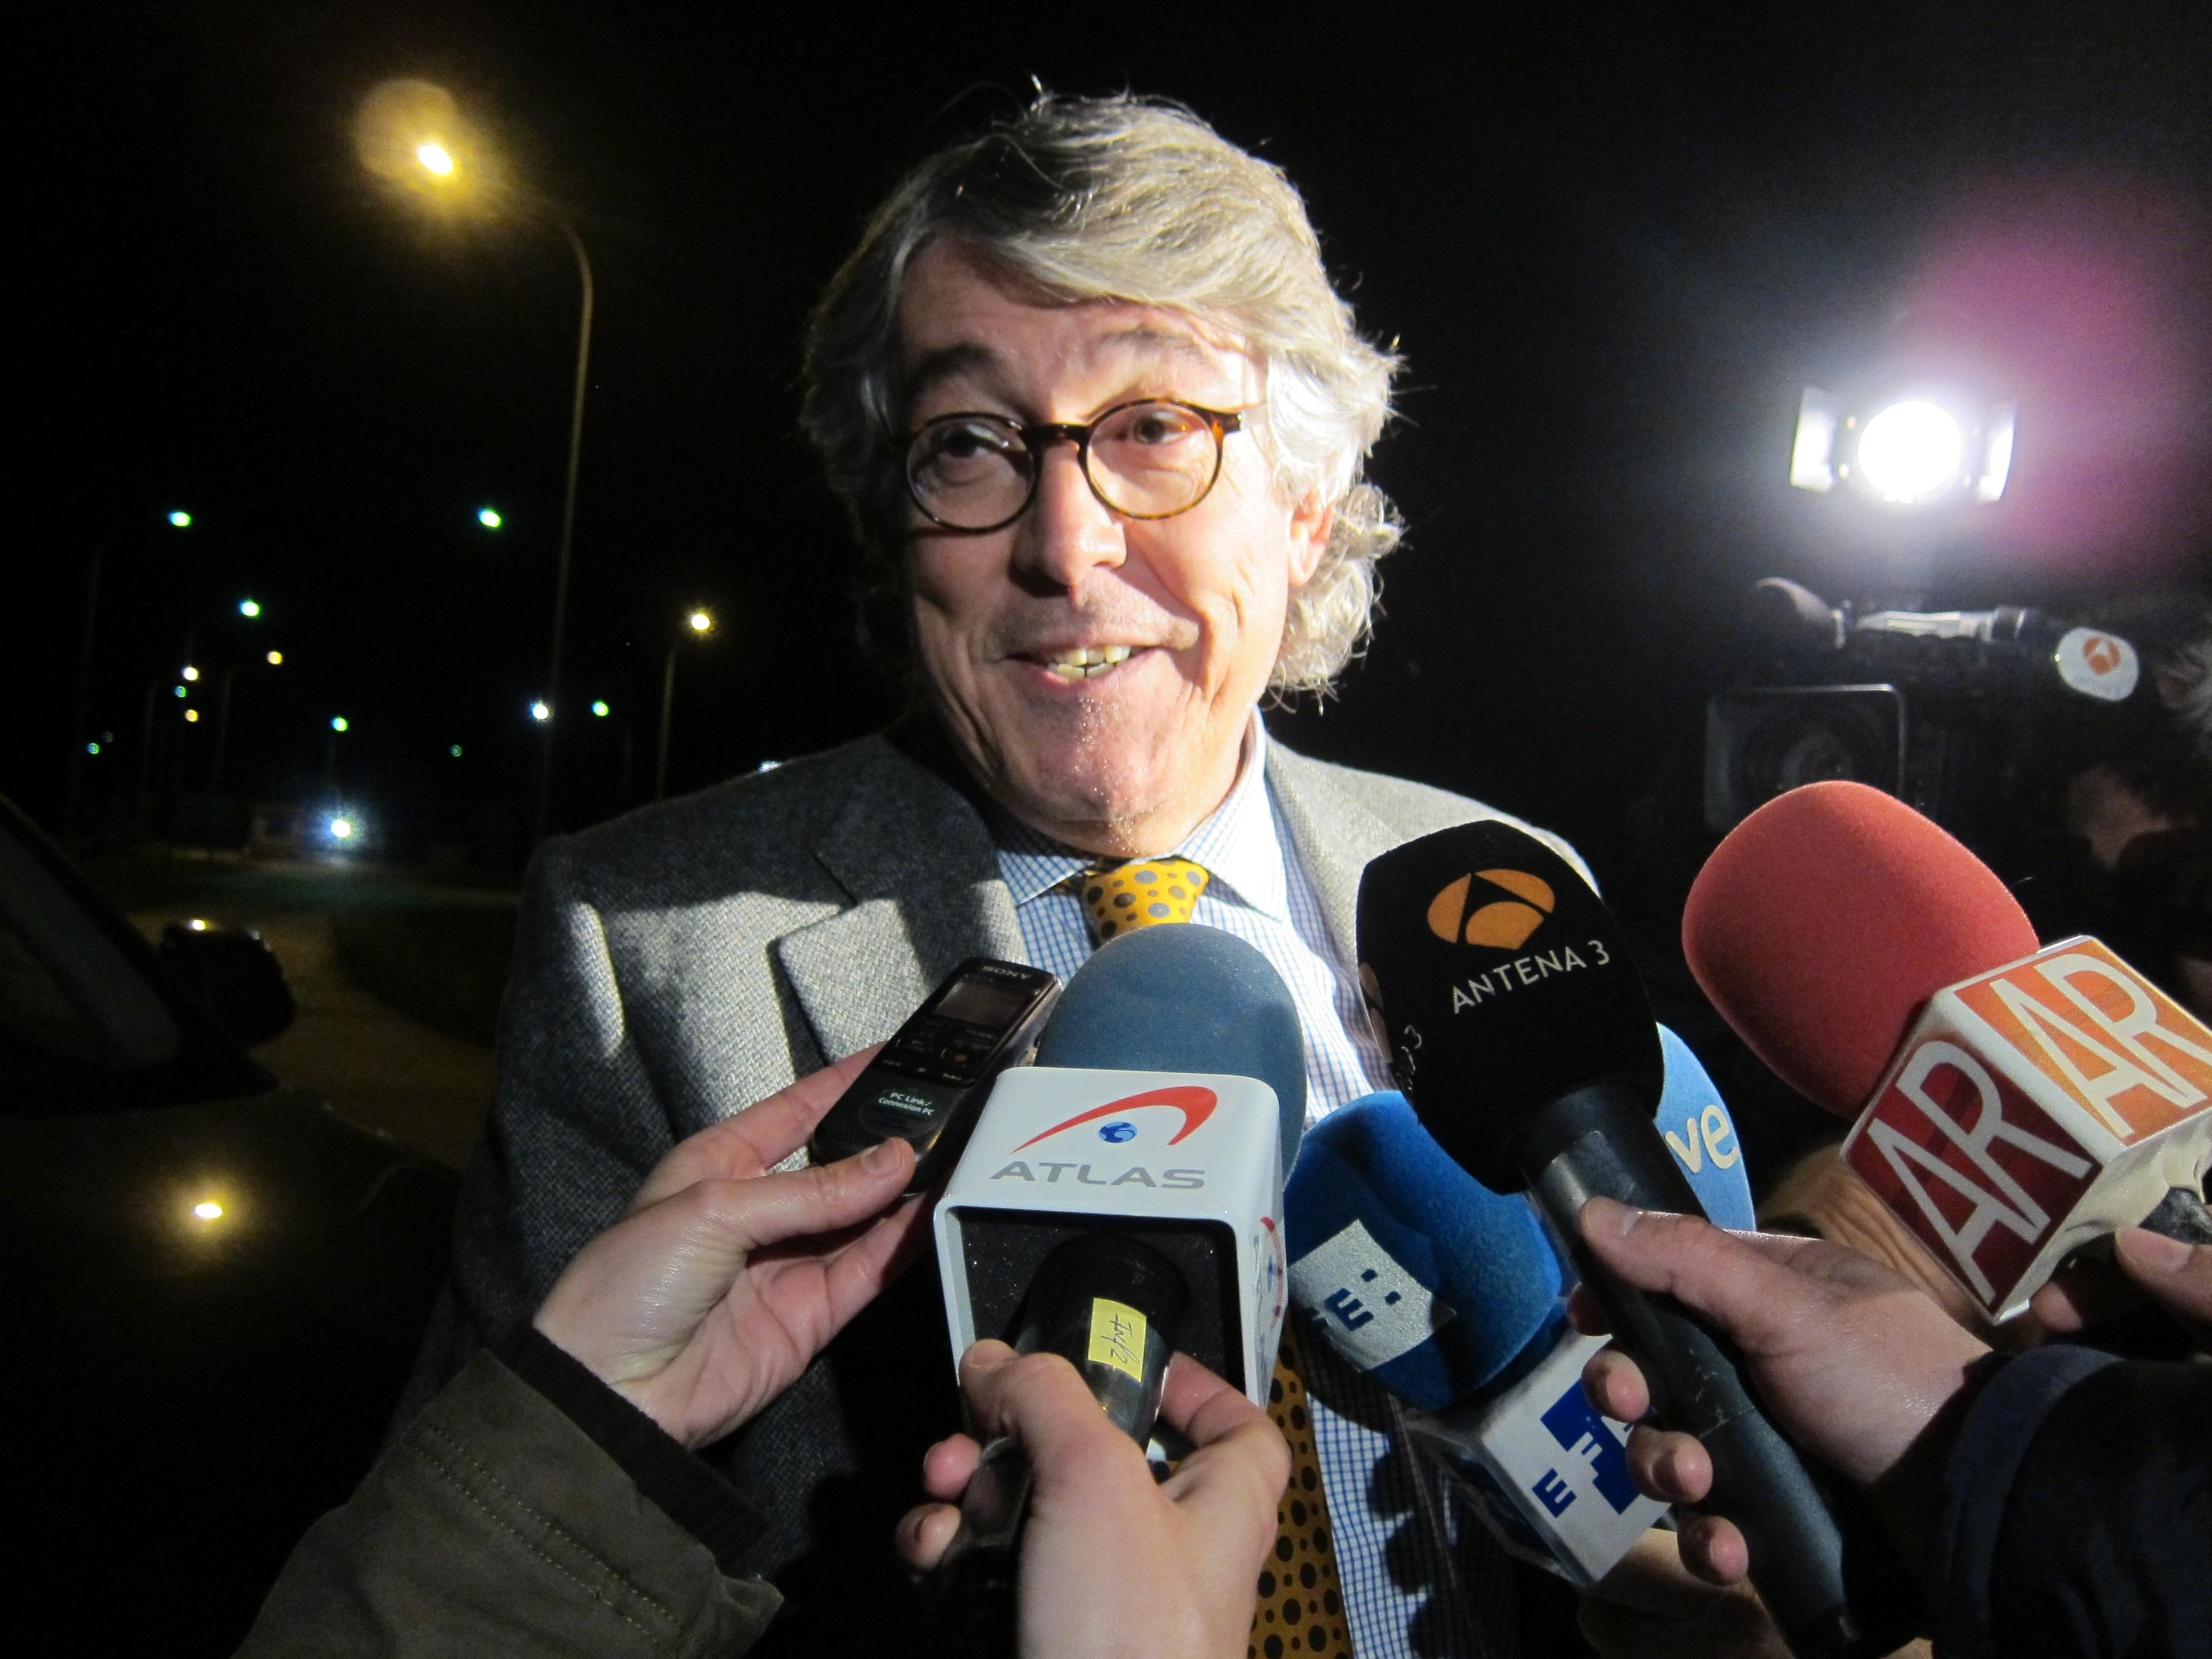 Defensa de Porto confía en que los testigos «confirmen» declaraciones de la madre que fueron «puestas en tela de juicio»